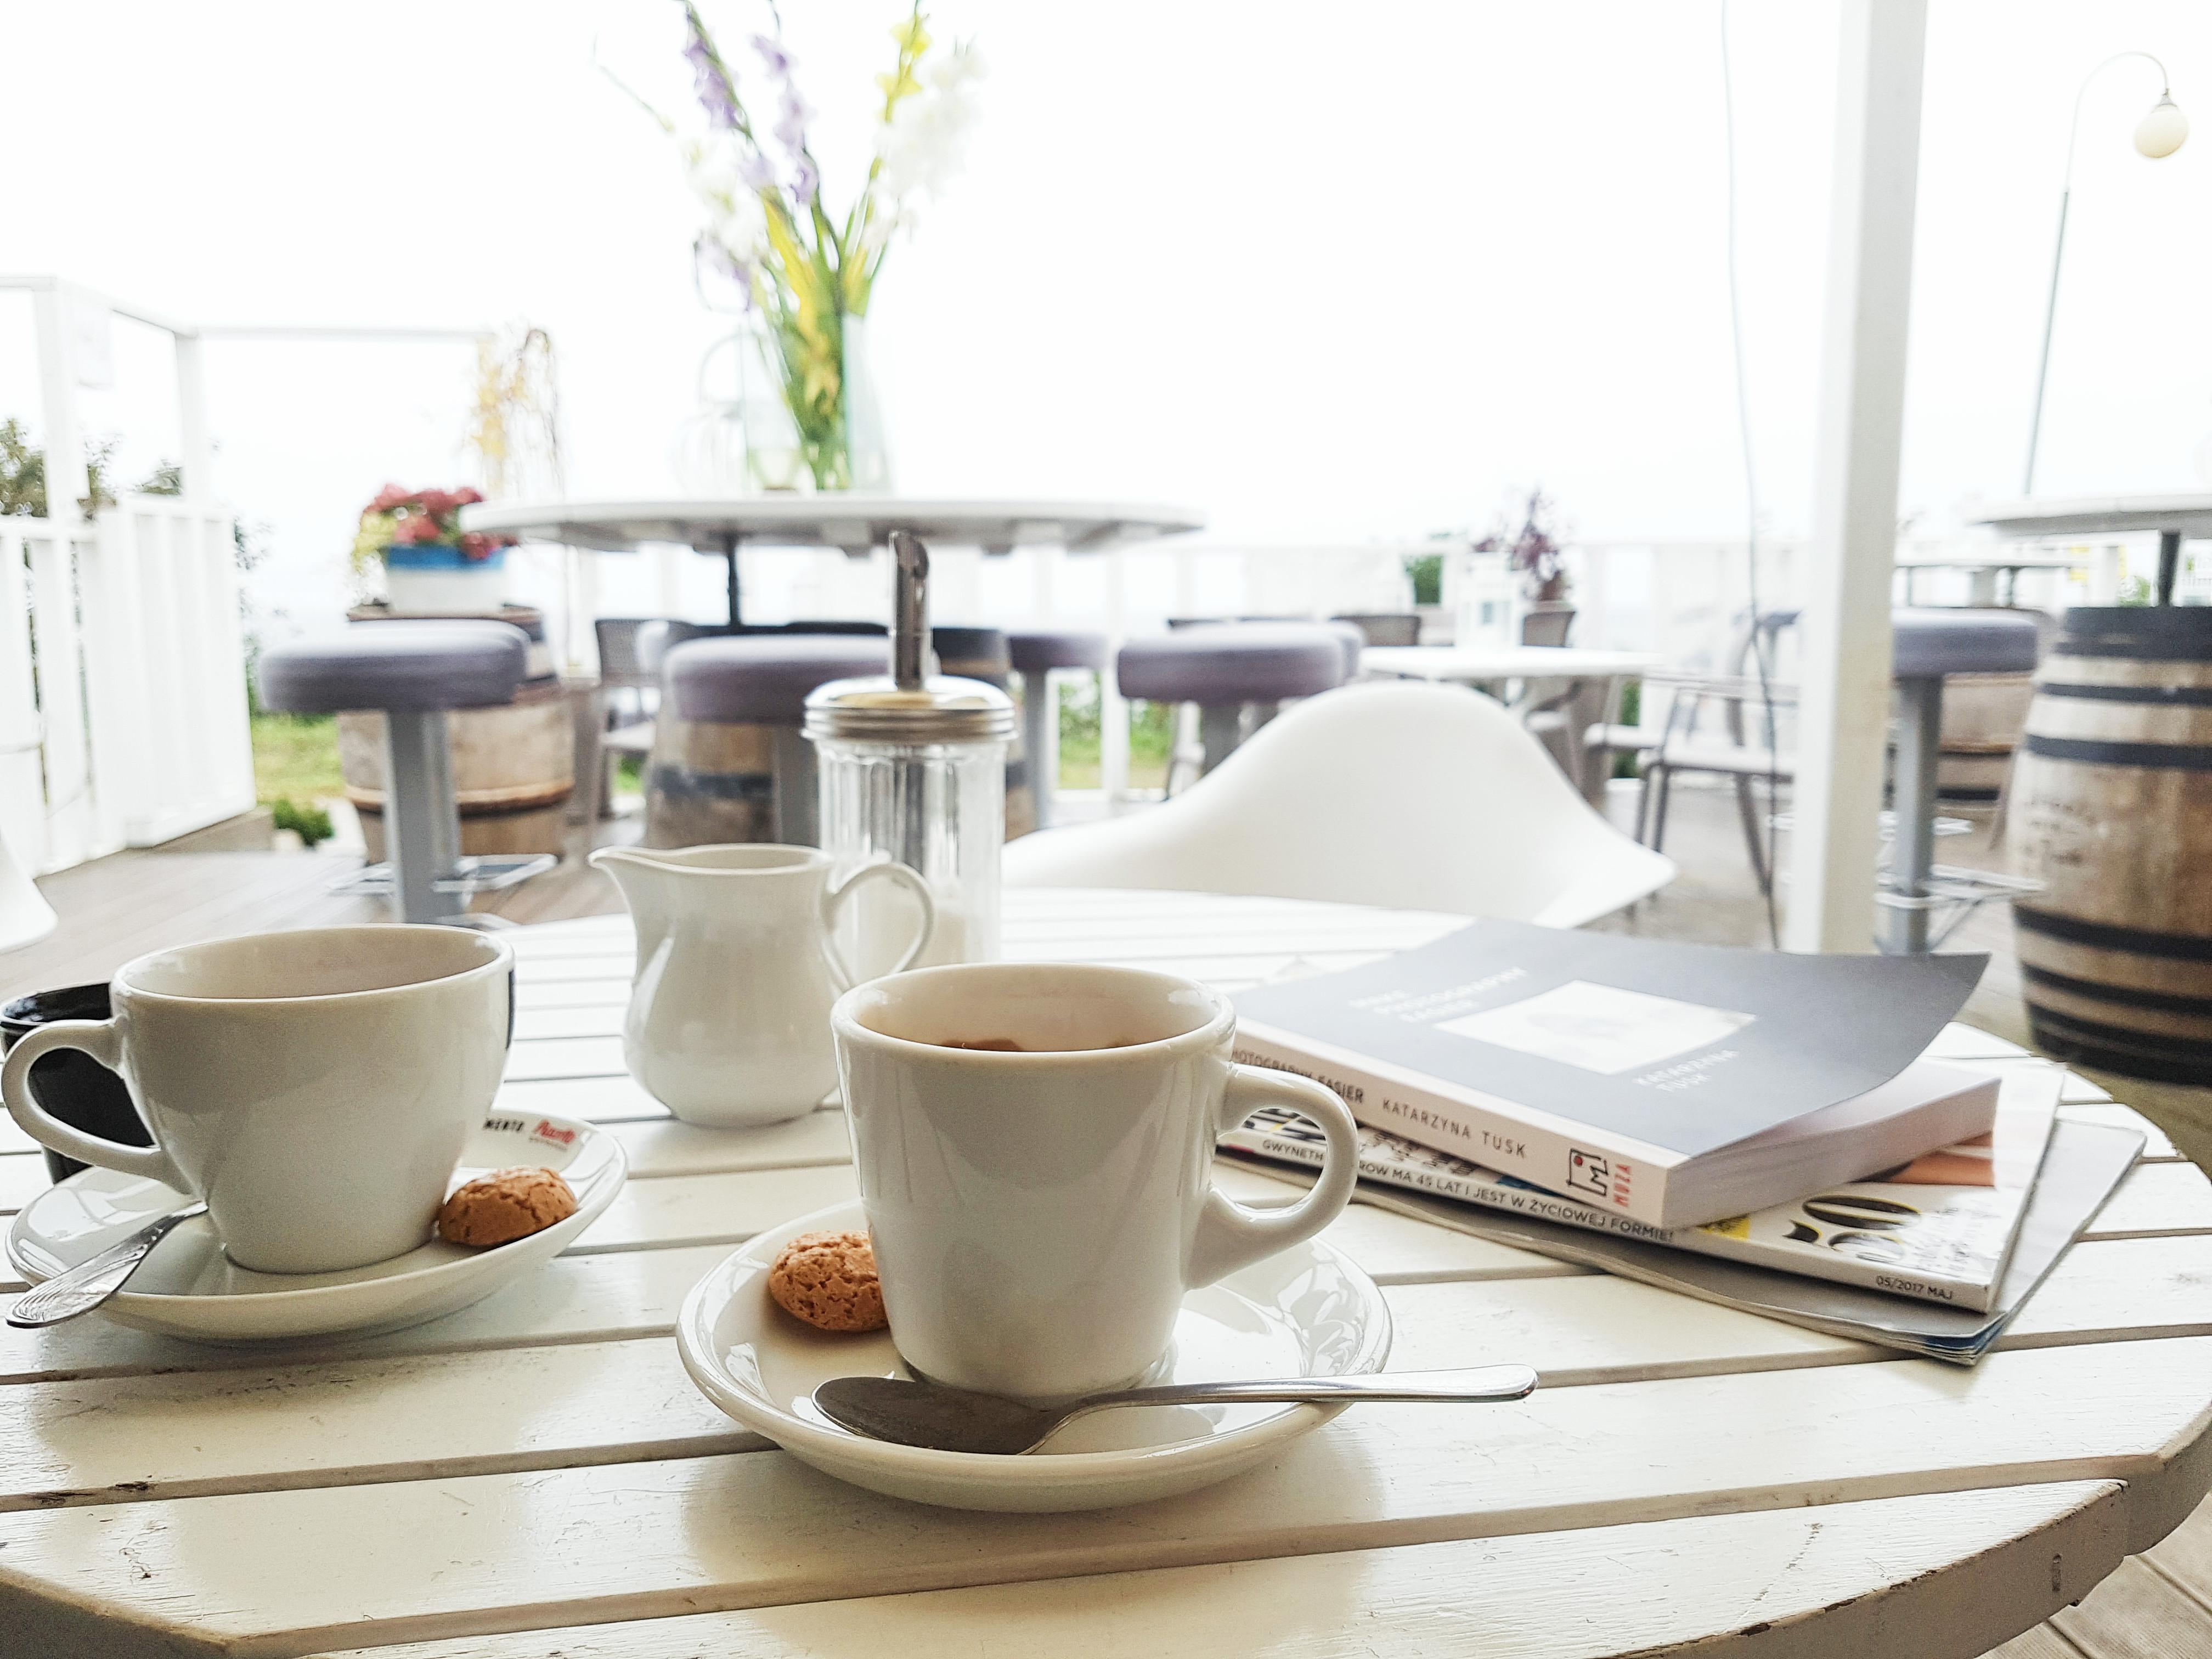 kawiarnia stały ląd mielno - domki na wodzie